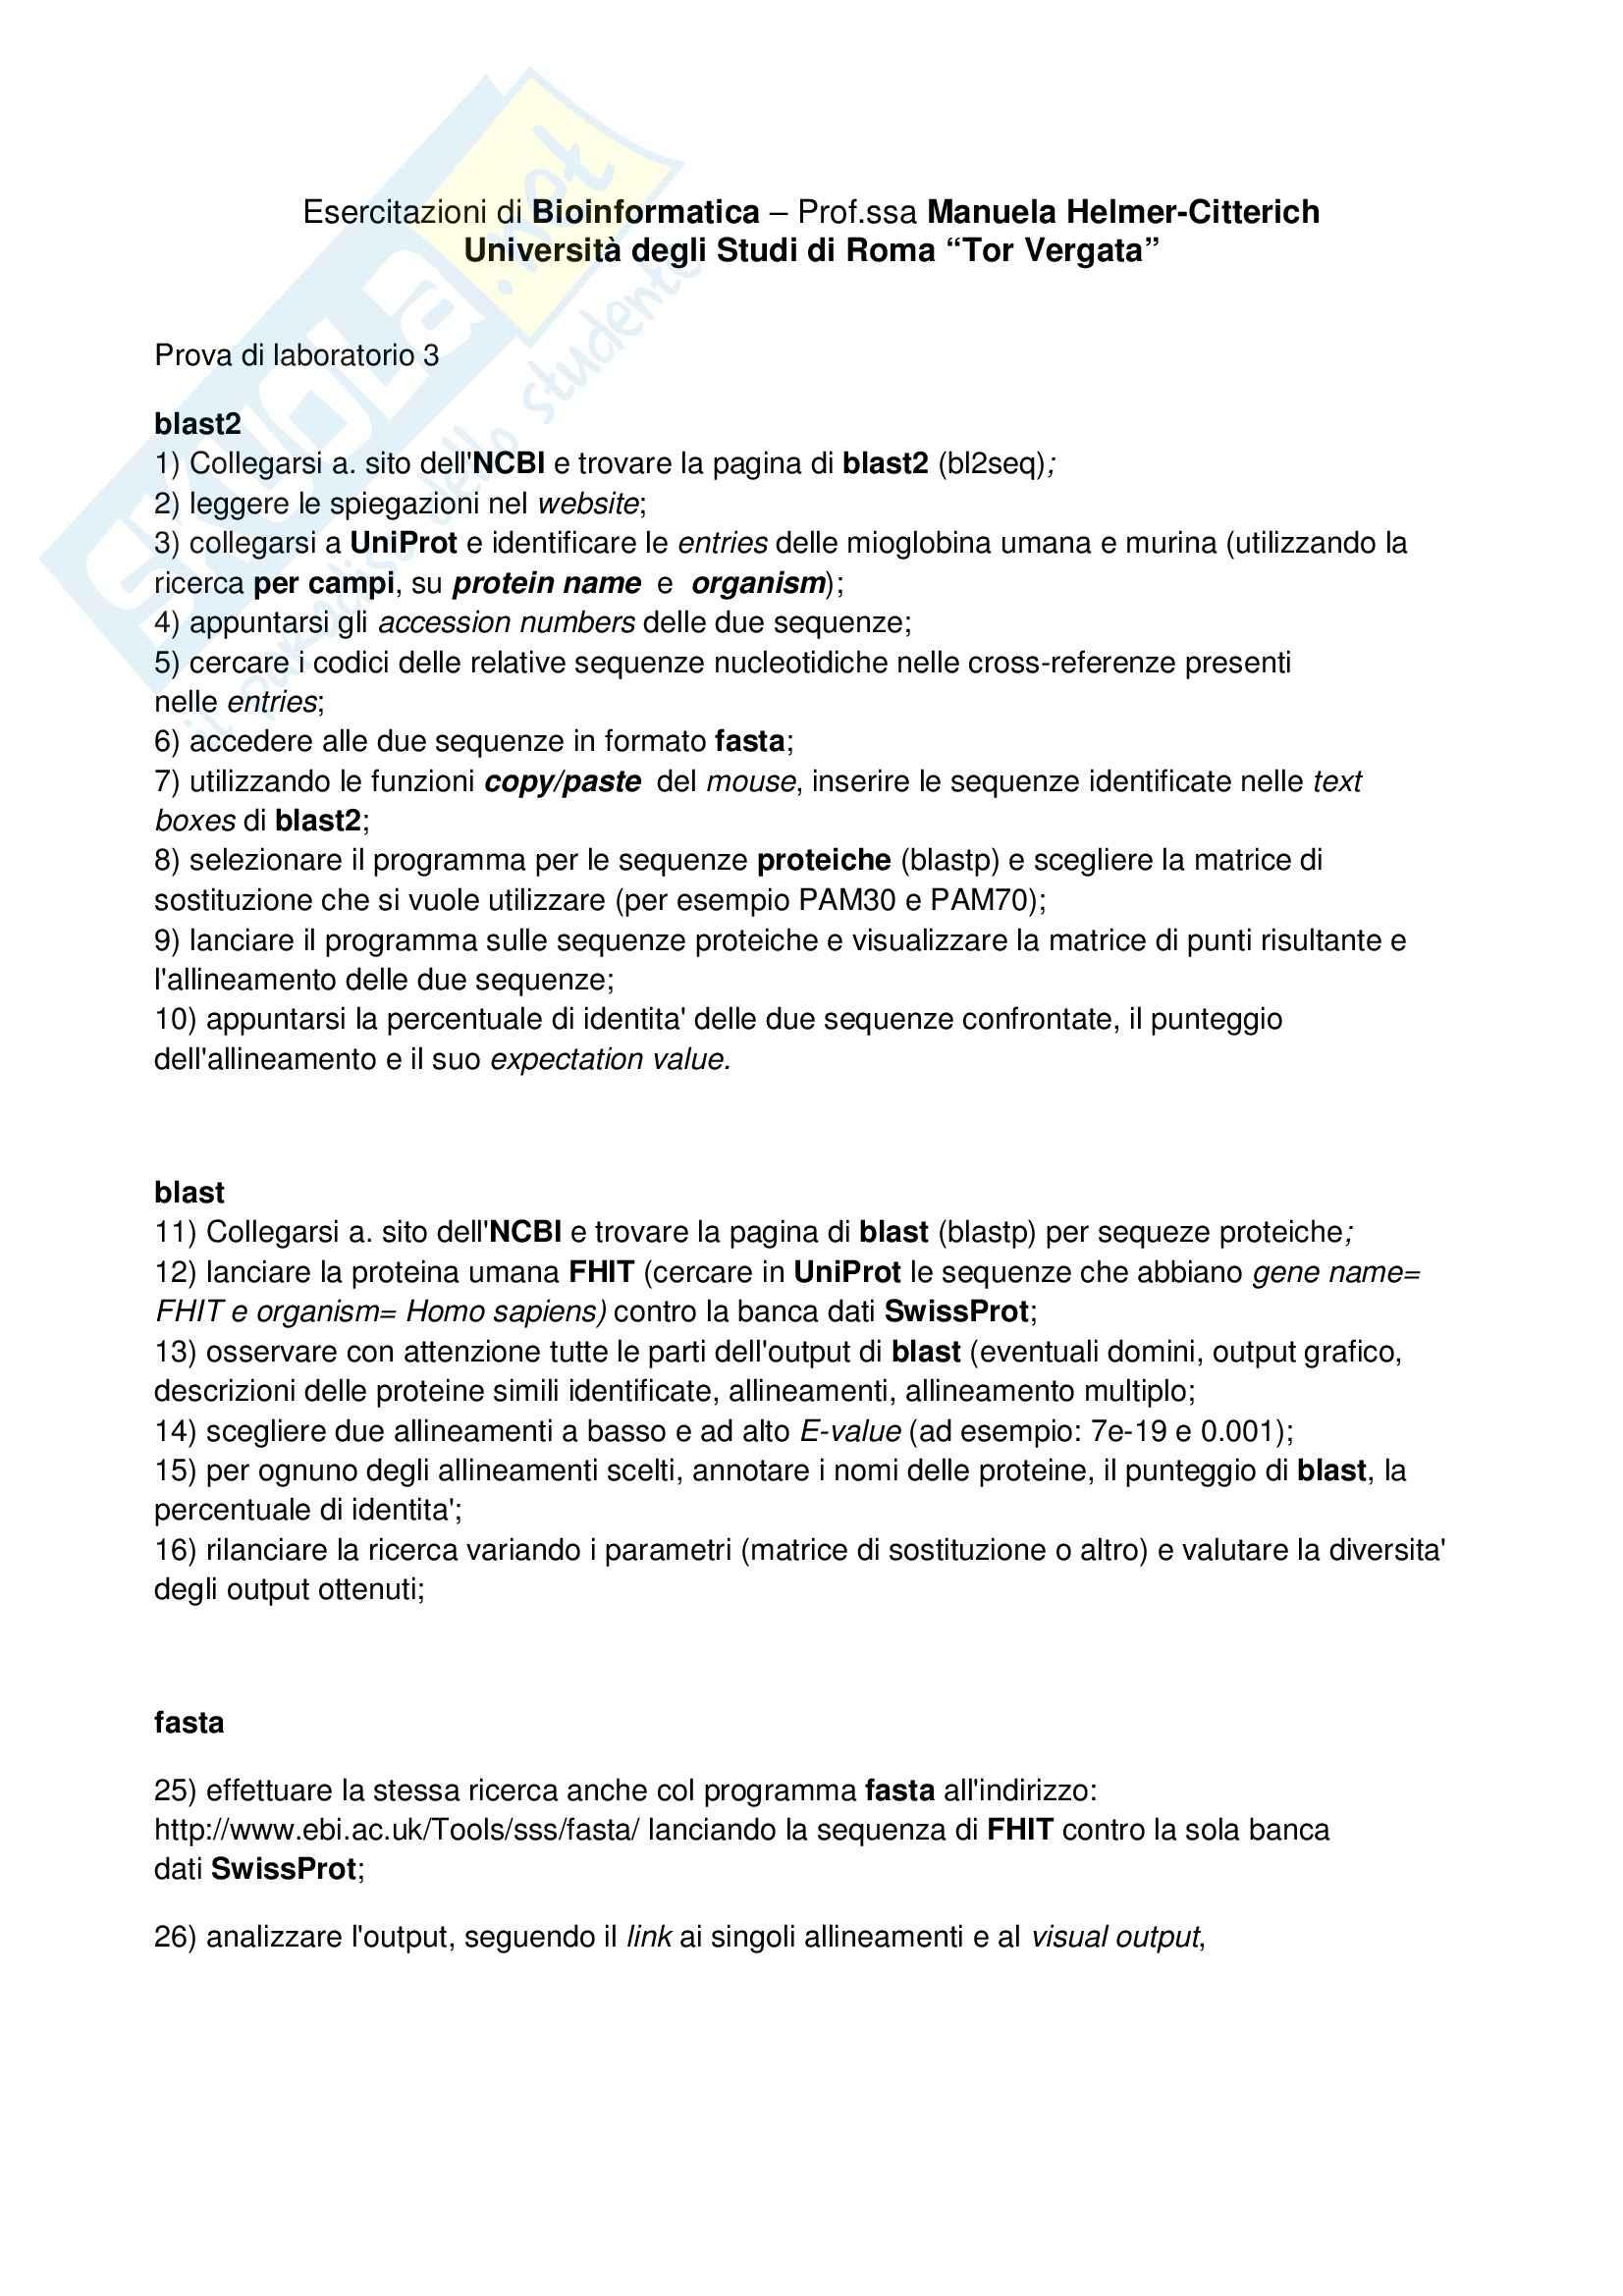 Bioinformatica - Blast e Fasta, Esercitazioni di laboratorio